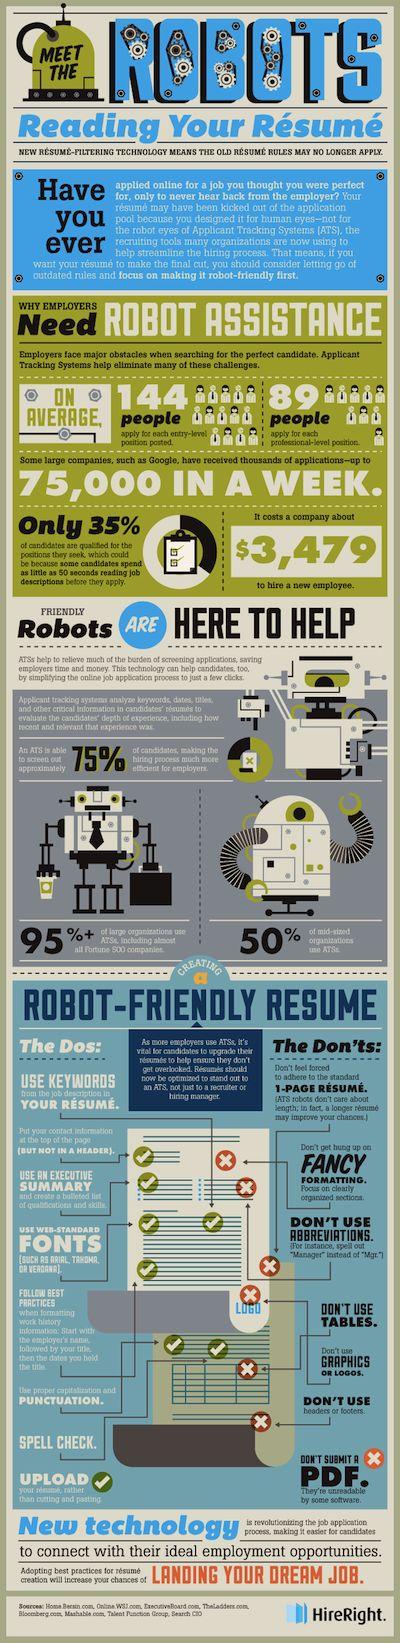 Infographic: Dit is hoe de robot jouw cv leest | Intermediair.nl